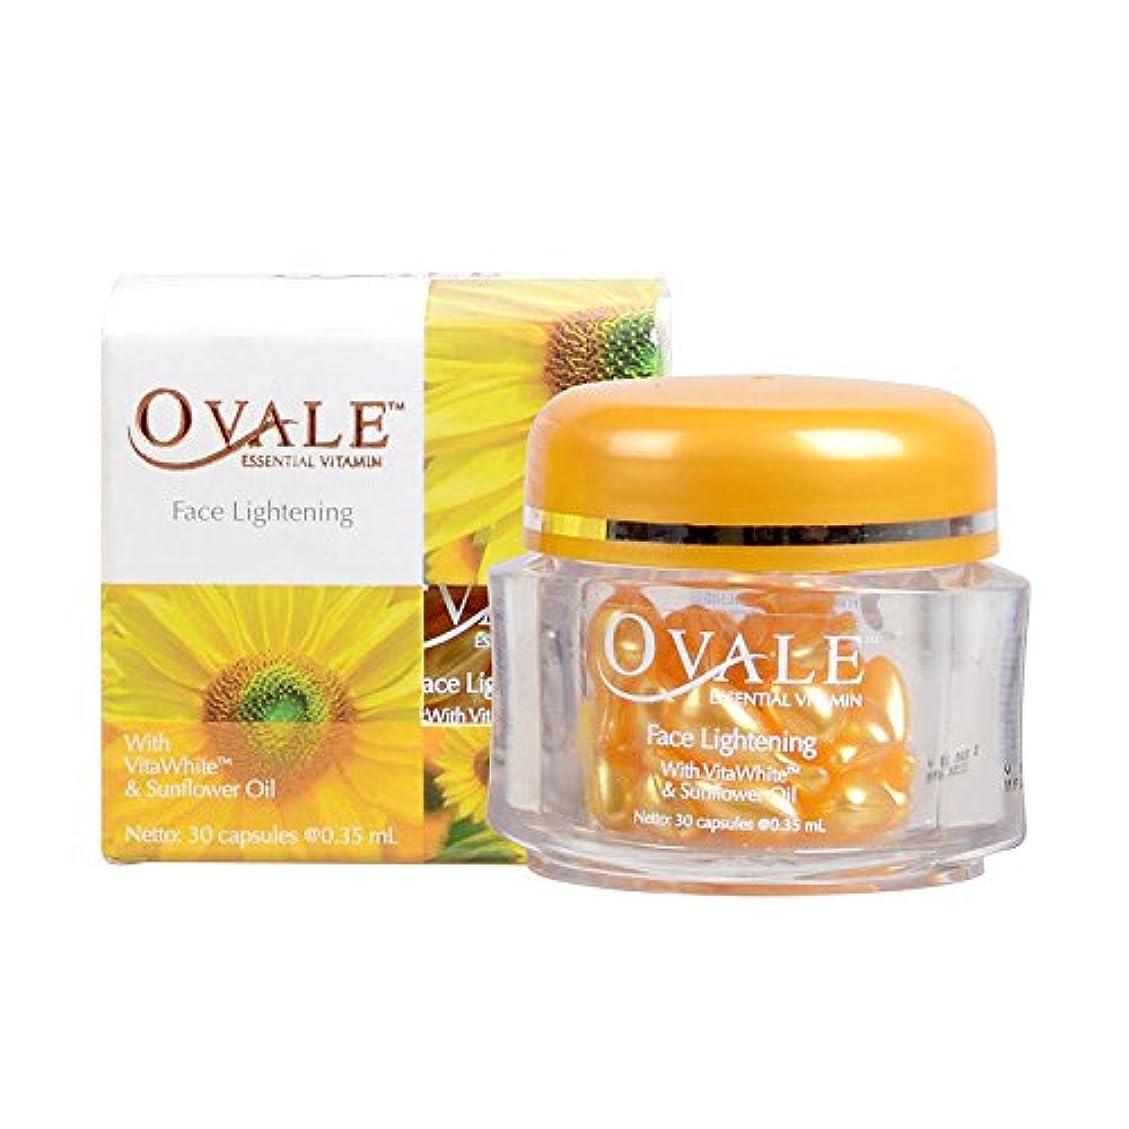 羨望予想外承認Ovale オーバル フェイシャル美容液 essential vitamin エッセンシャルビタミン 30粒入ボトル×2個 サンフラワー [海外直送品]